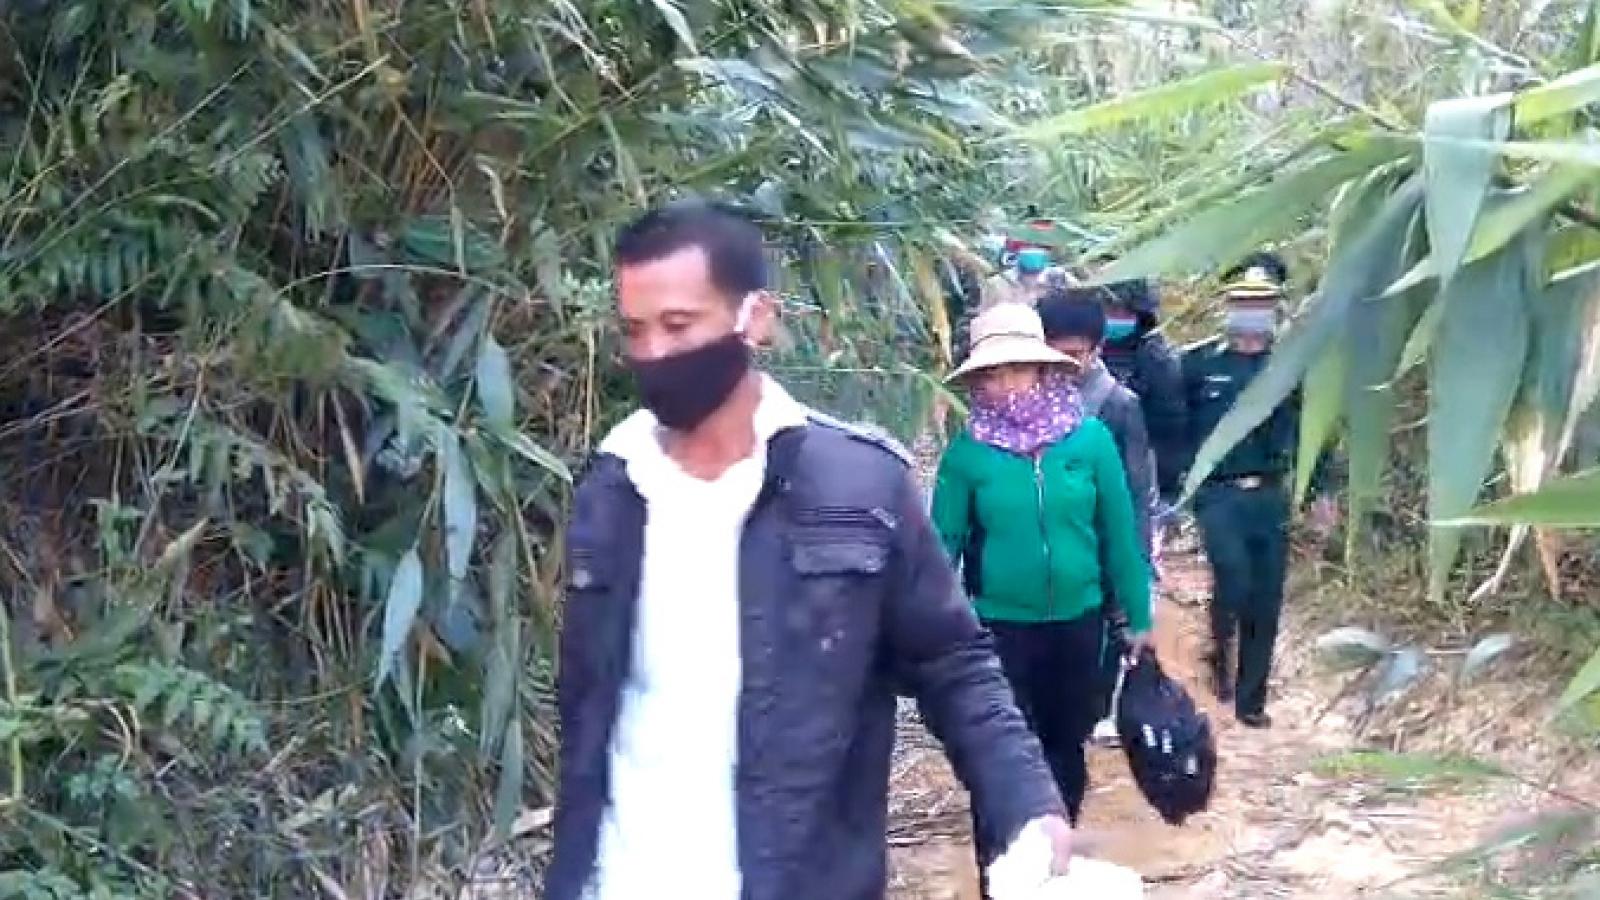 Biên phòng Kon Tum bắt giữ 6 người nhập cảnh trái phép từ Lào